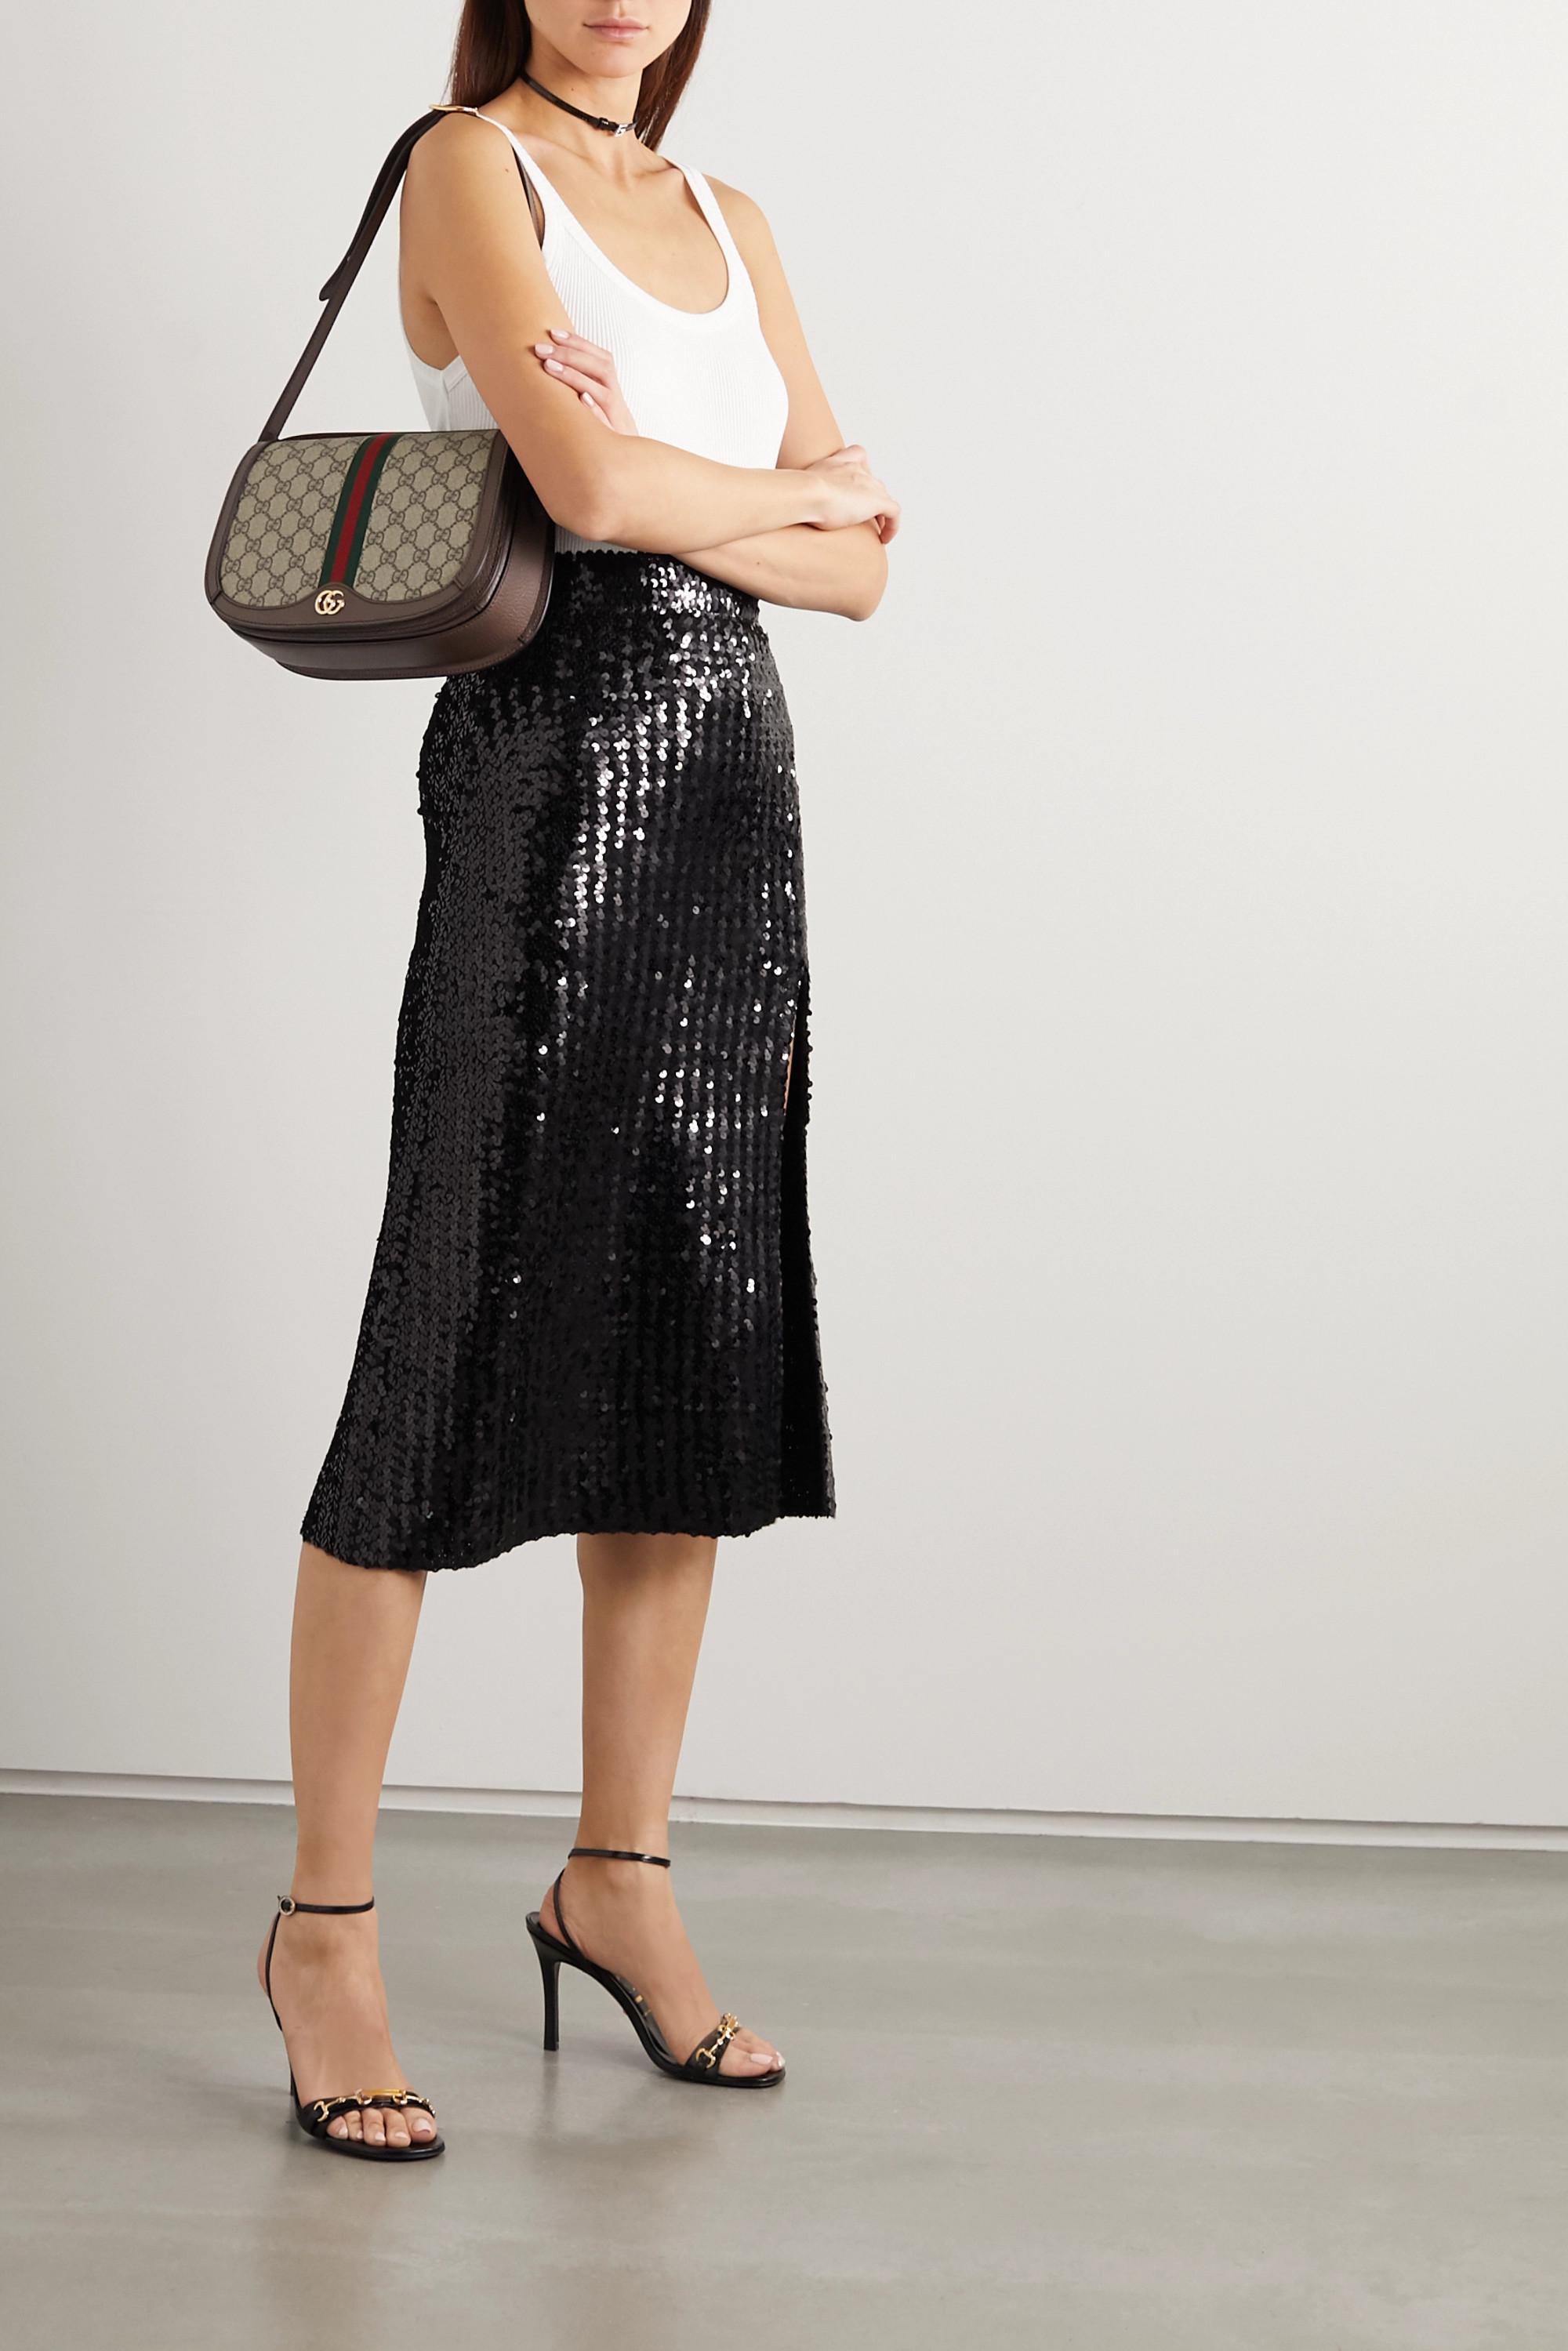 Gucci Moorea Sandalen aus Glanzleder mit Horsebit-Detail